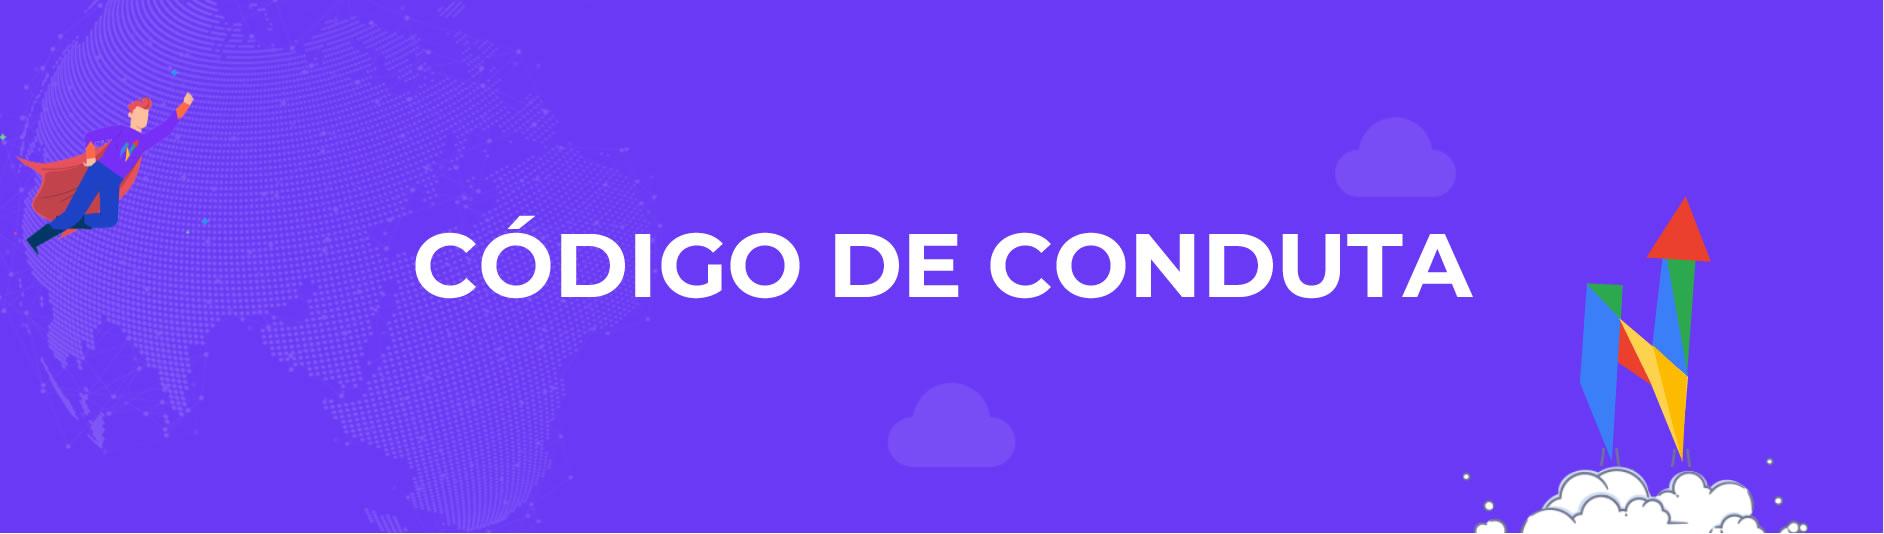 Banner_CODIGO DE CONDUTA_Hinalytics